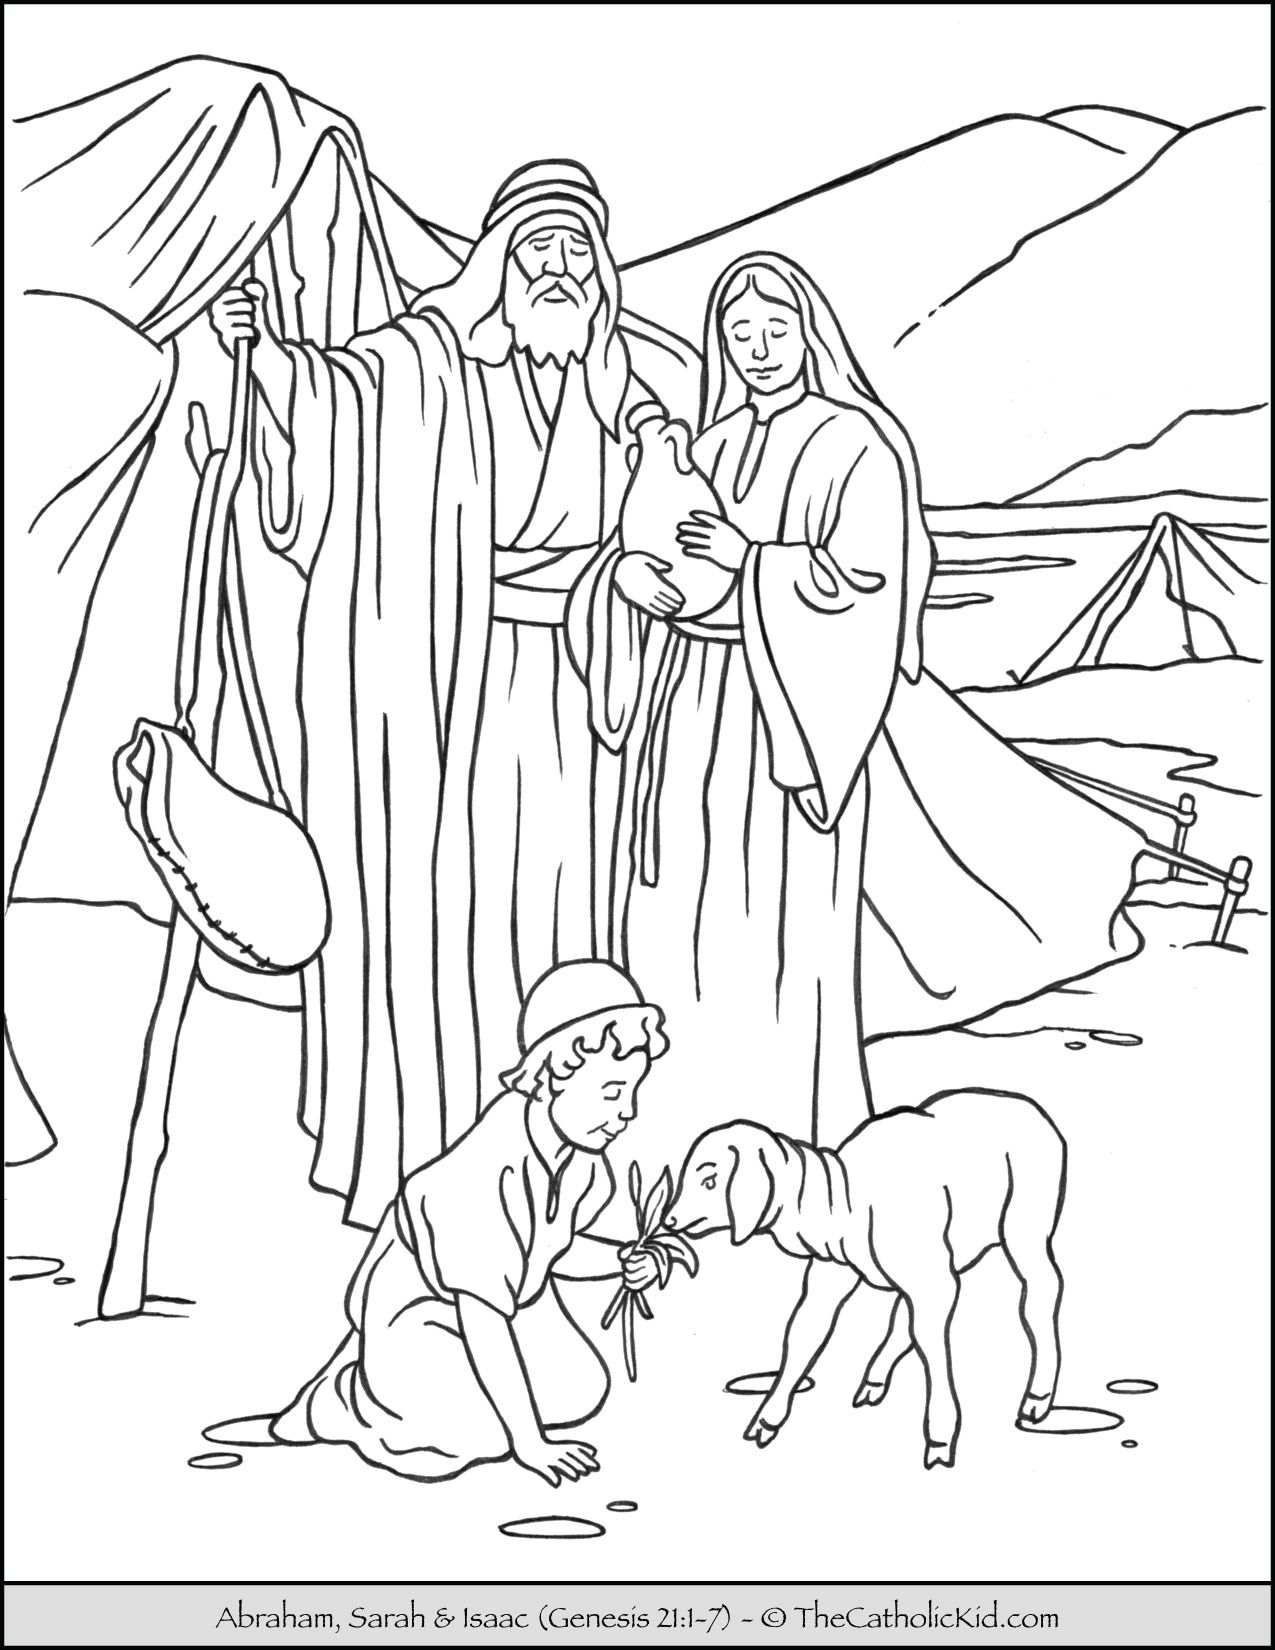 Abraham Sarah And Isaac Coloring Page Thecatholickid Com Bible Coloring Bible Coloring Pages Abraham And Sarah [ 1650 x 1275 Pixel ]